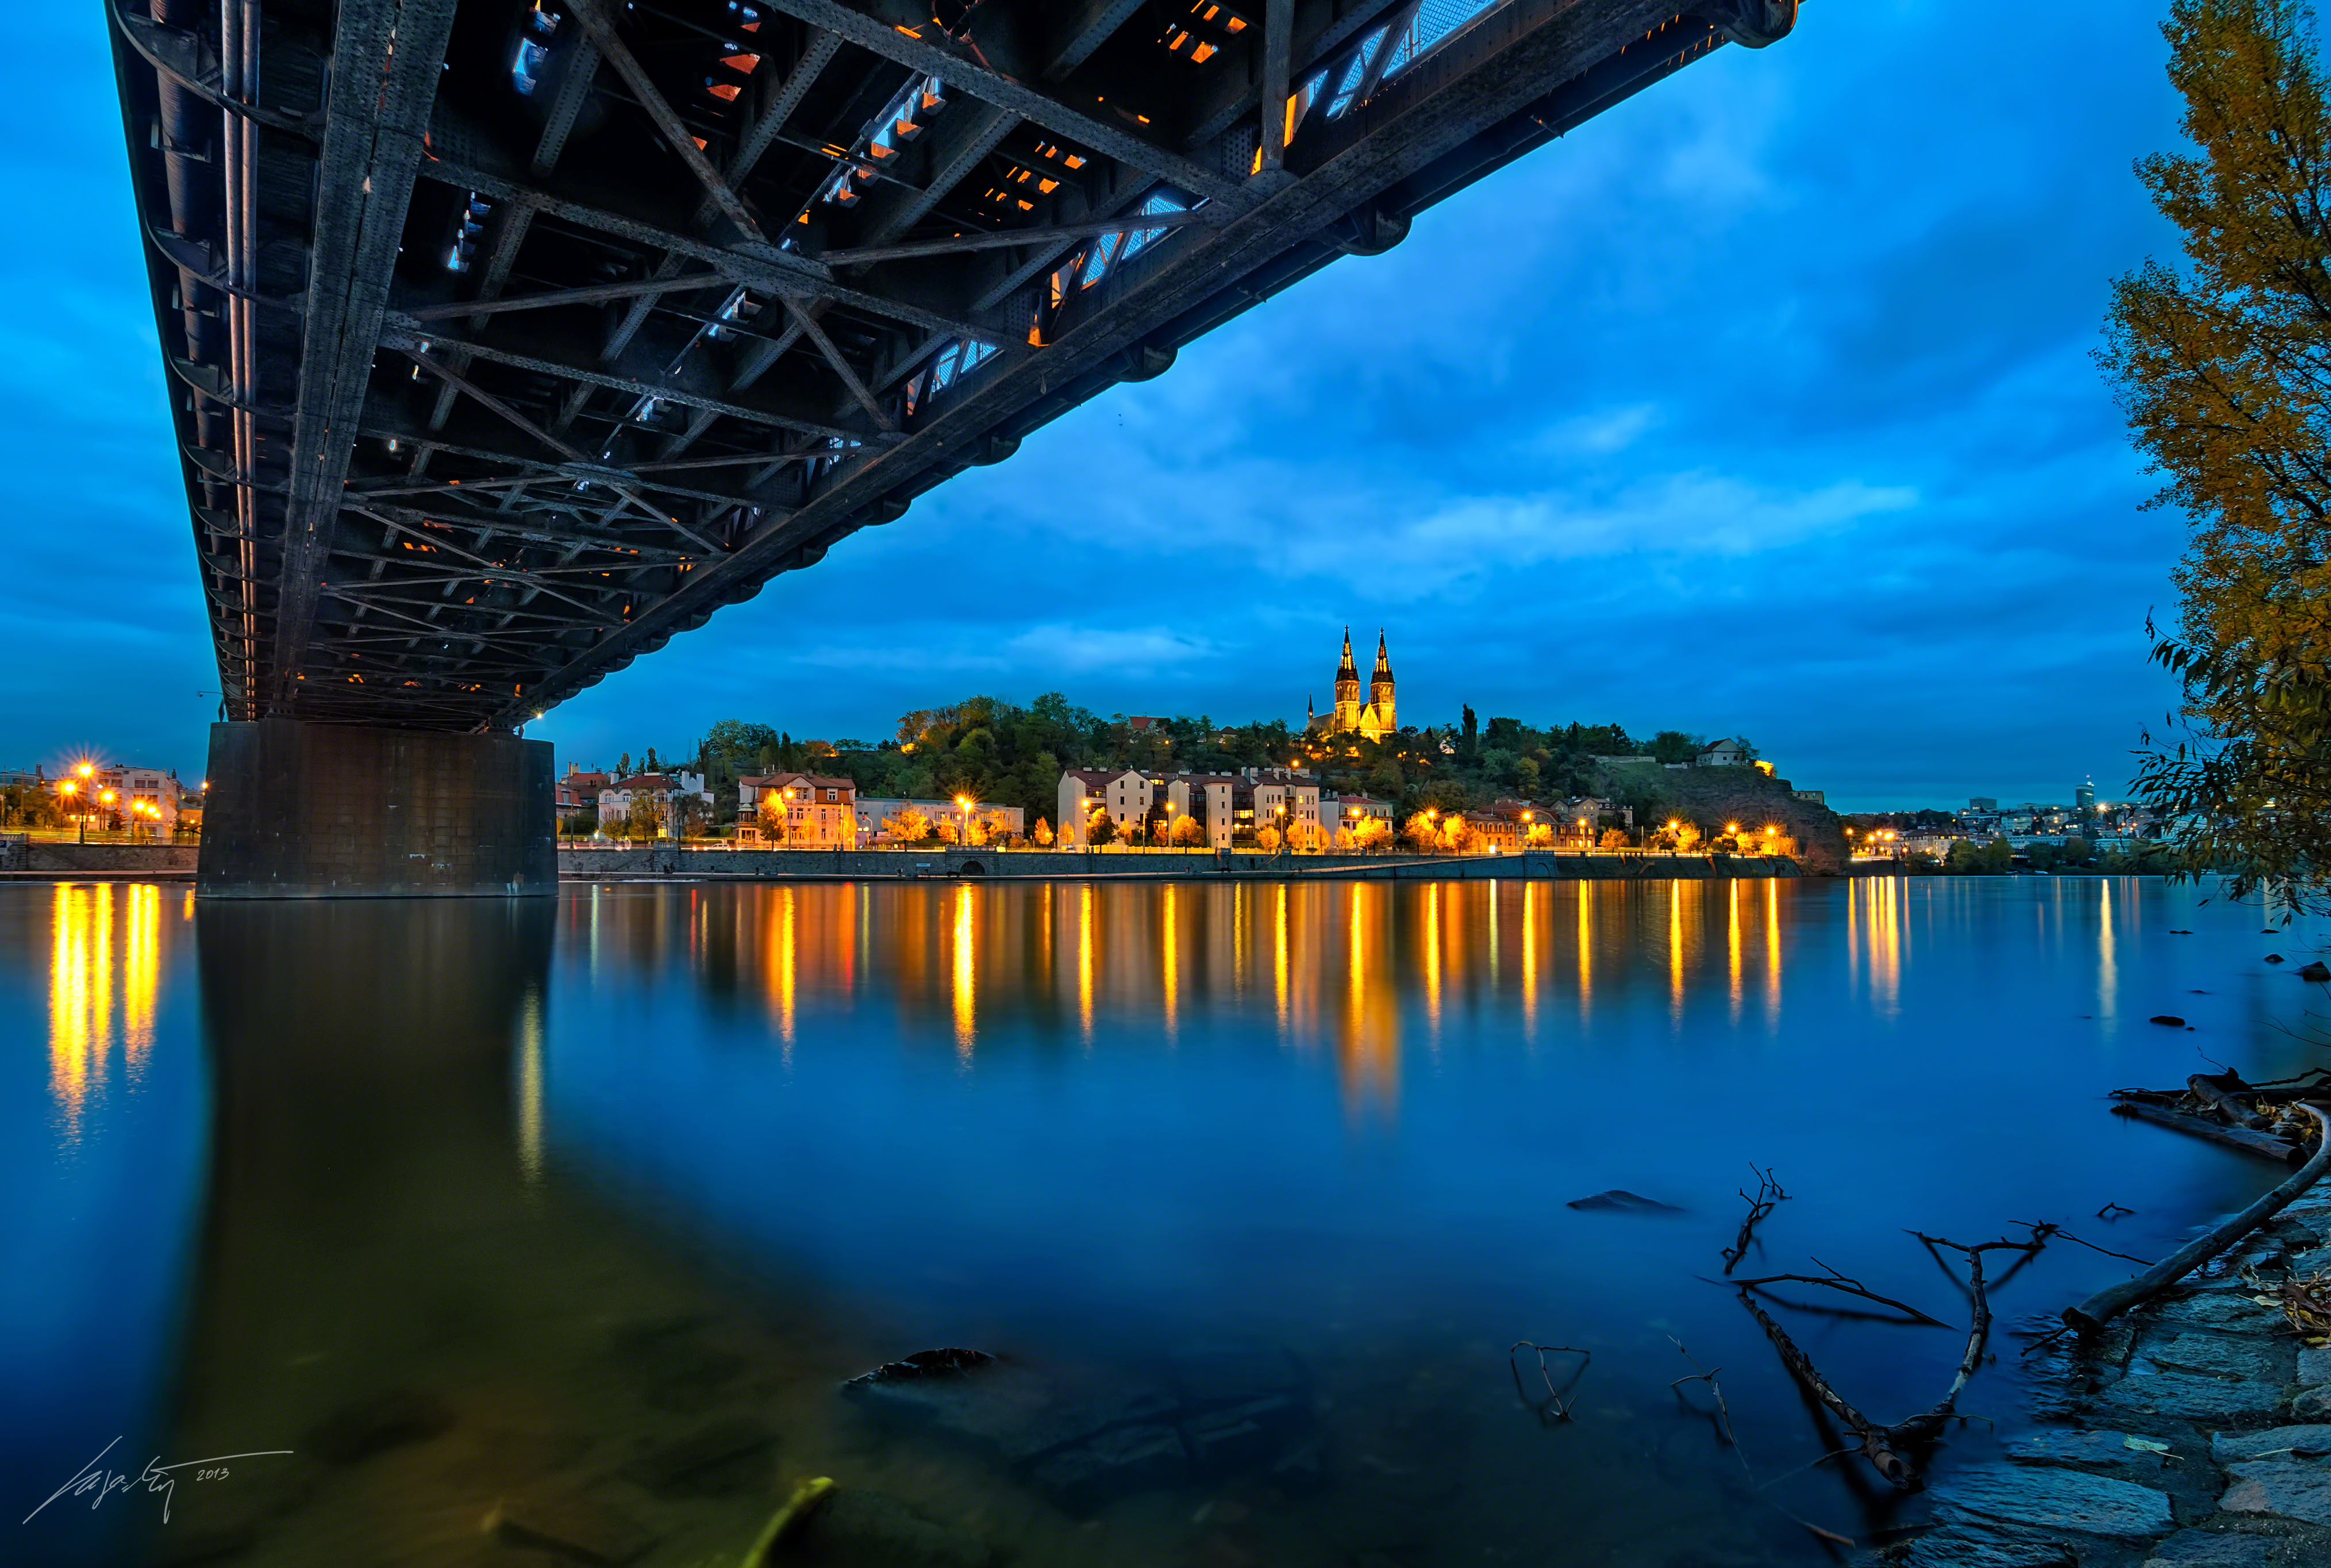 Marek Kijevský: Miluju, když se objekty, které fotím, odráží od vodní hladiny. Vyšehrad  a železniční most mi poskytly tuto nádhernou scénu během pochmurného dne.